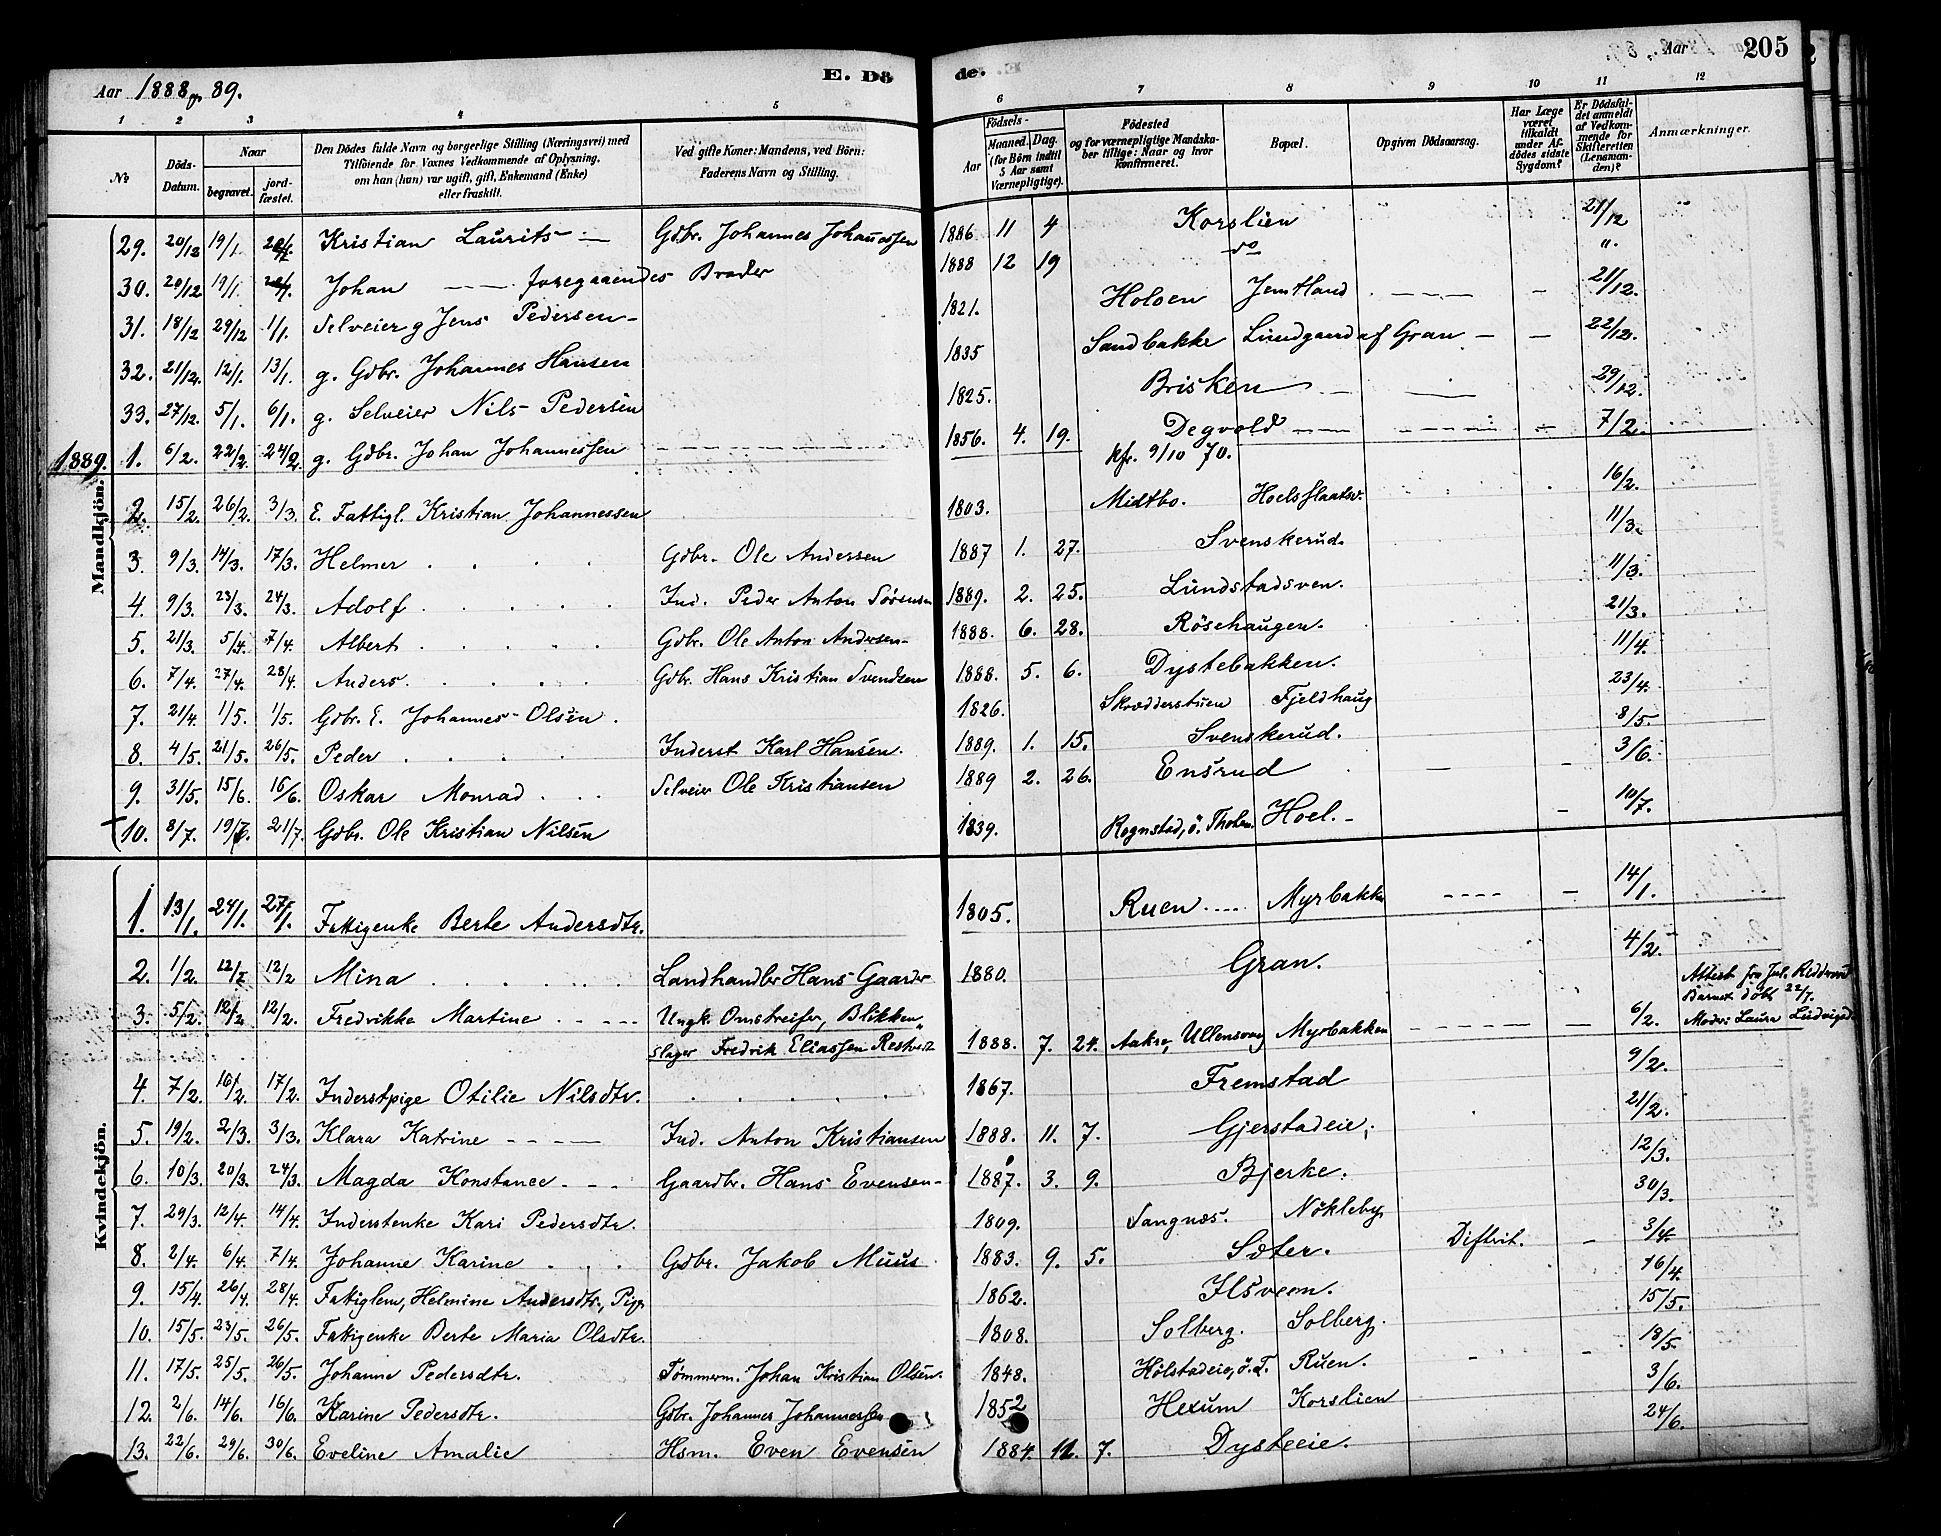 SAH, Vestre Toten prestekontor, Ministerialbok nr. 10, 1878-1894, s. 205